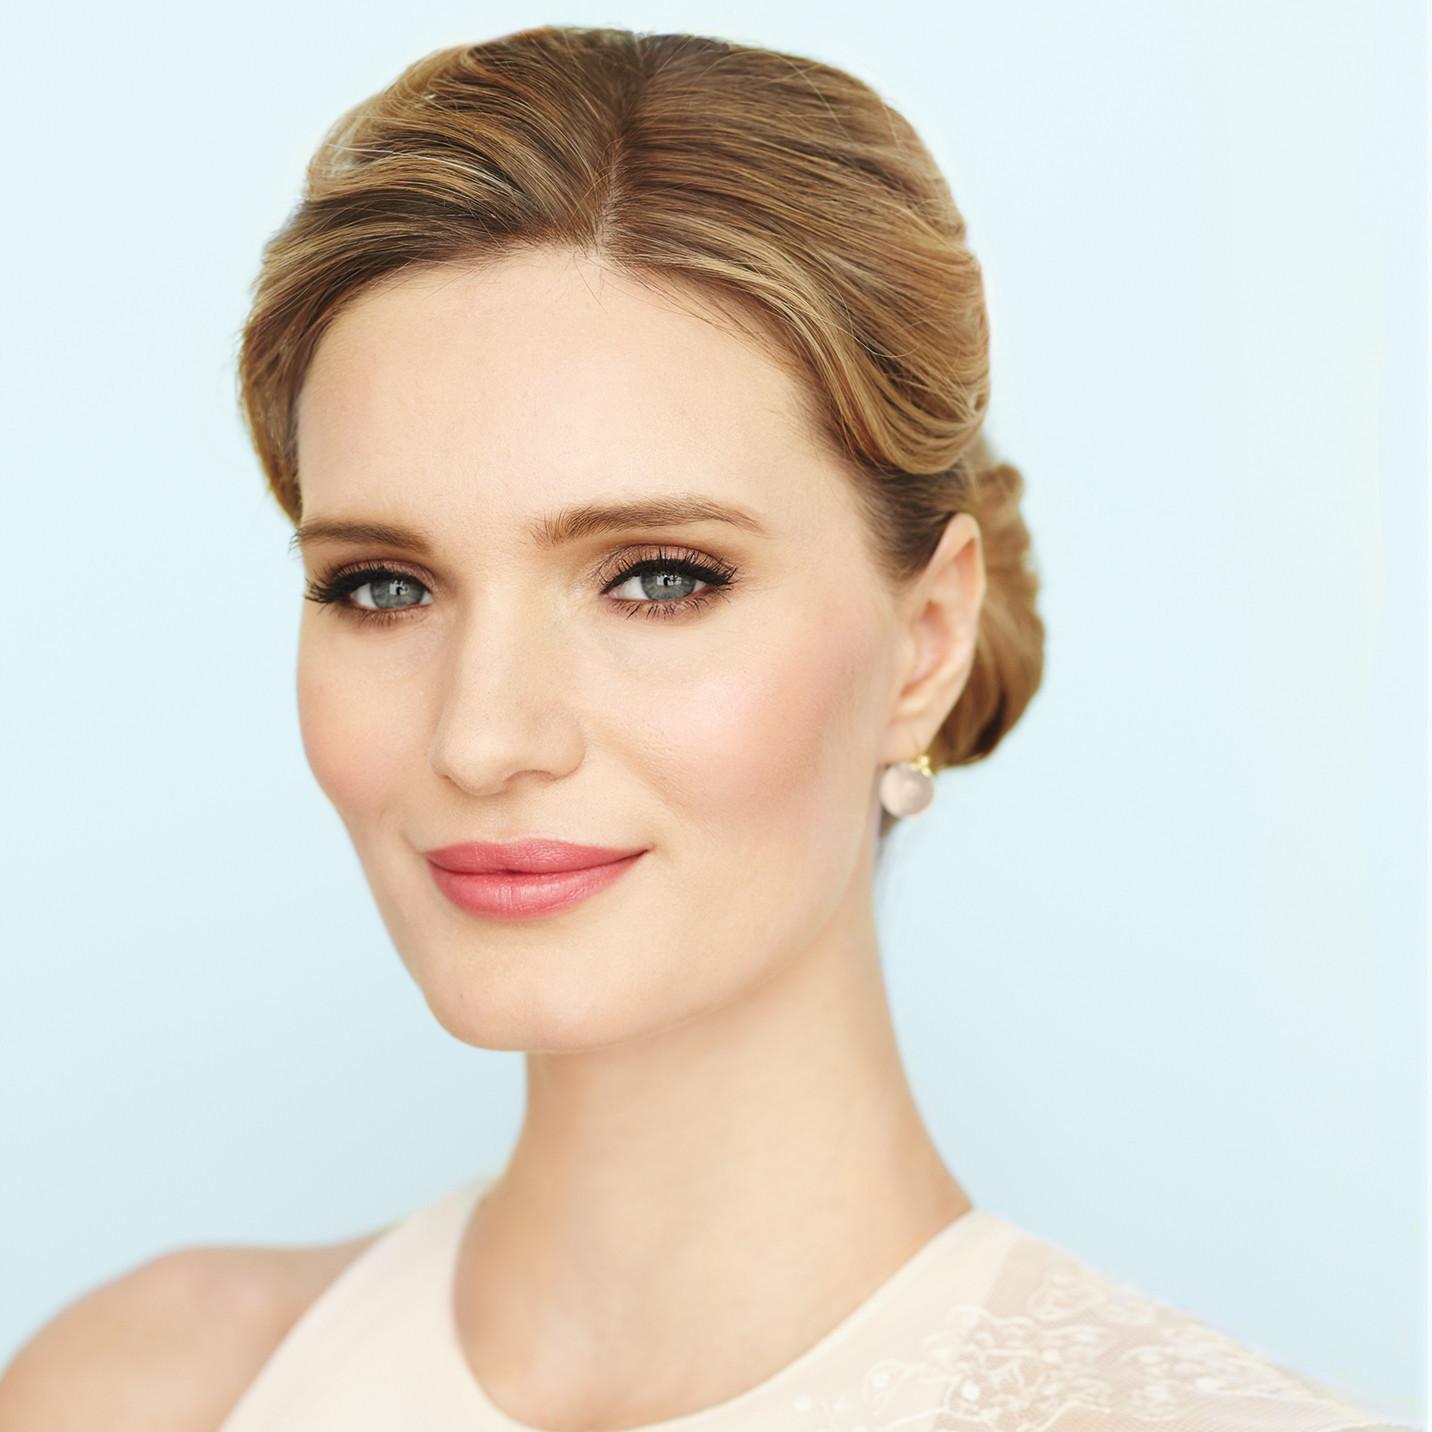 Best ideas about DIY Wedding Makeup . Save or Pin DIY Wedding Day Makeup Now.